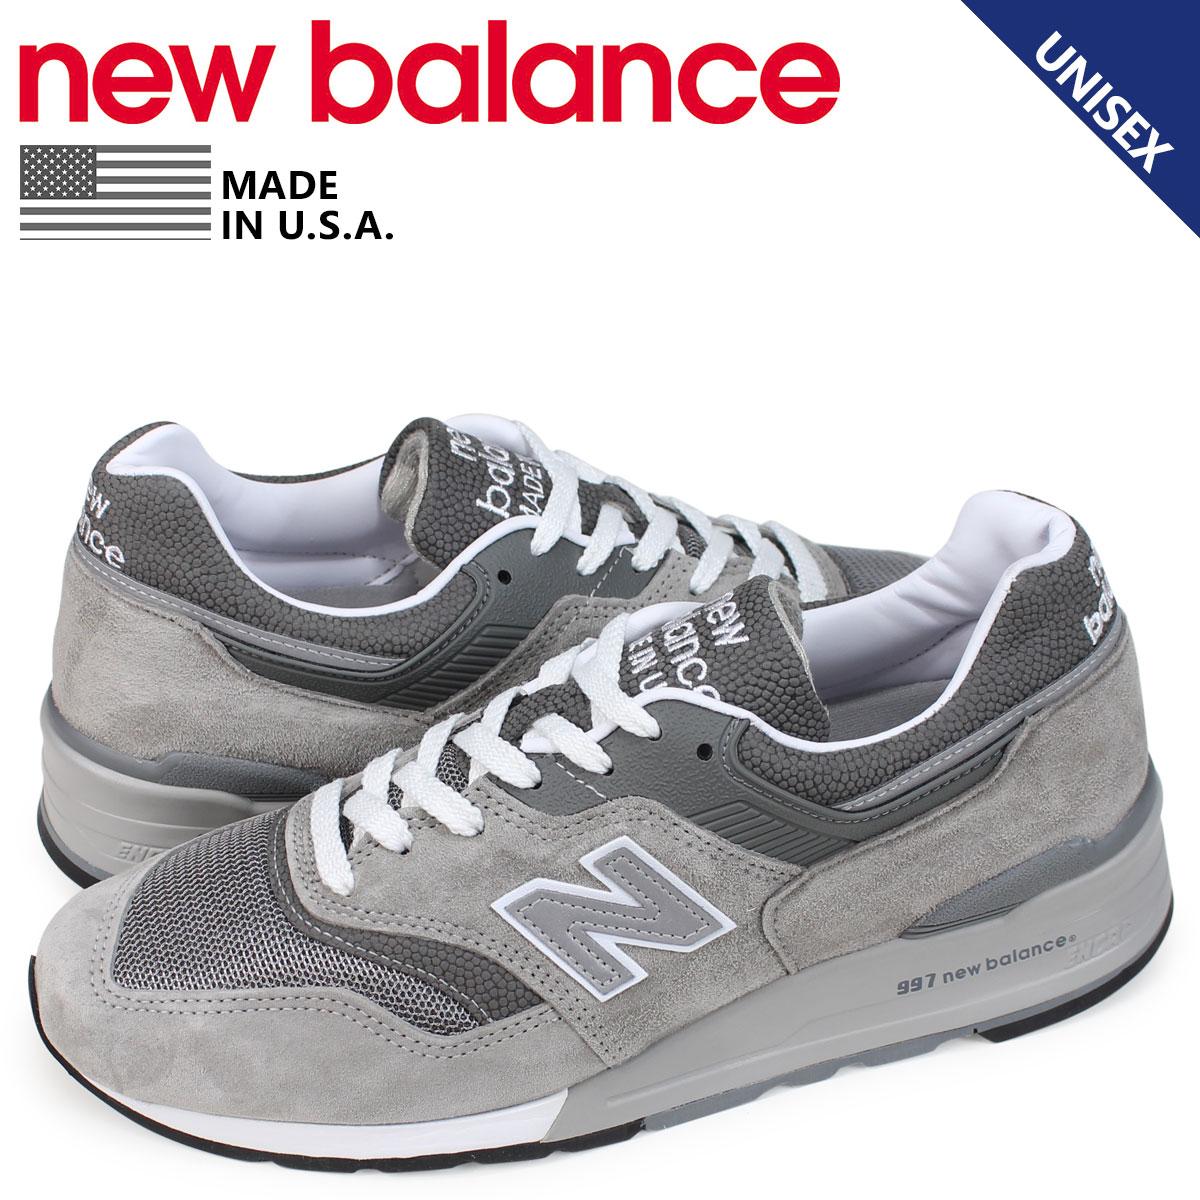 ニューバランス new balance 997 スニーカー メンズ Dワイズ MADE IN USA グレー M997GY